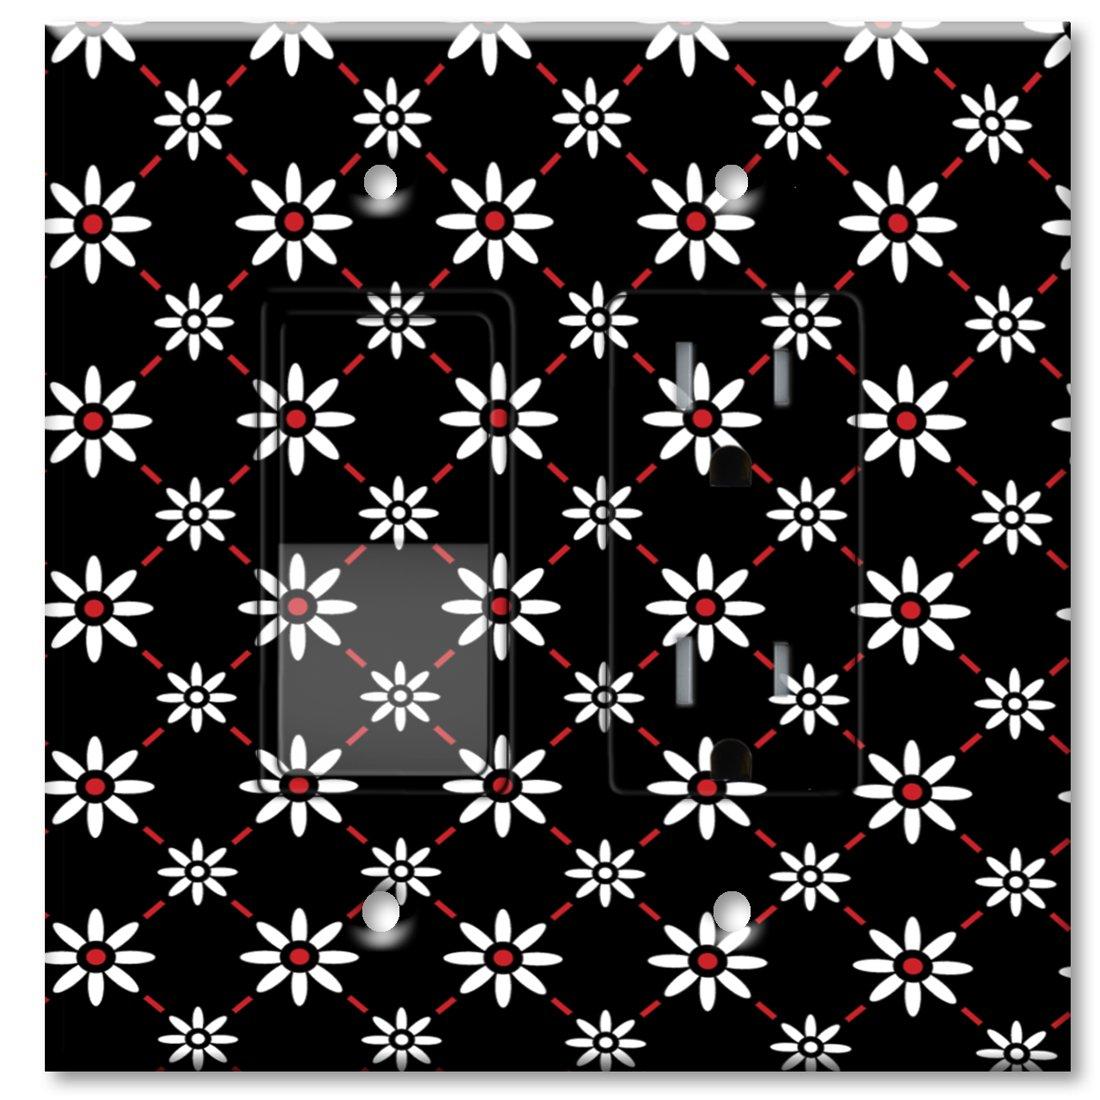 激安特価  Printed壁プレートwith Matchingロッカースイッチおよび Combo/またはコンセント – ホワイトデイジー マルチカラー 856-Printed-Switch-Outlet B00J1W2HPO Combo B00J1W2HPO 856-Printed-Switch-Outlet コンセント付きスイッチ, 白石町:8edf6367 --- svecha37.ru